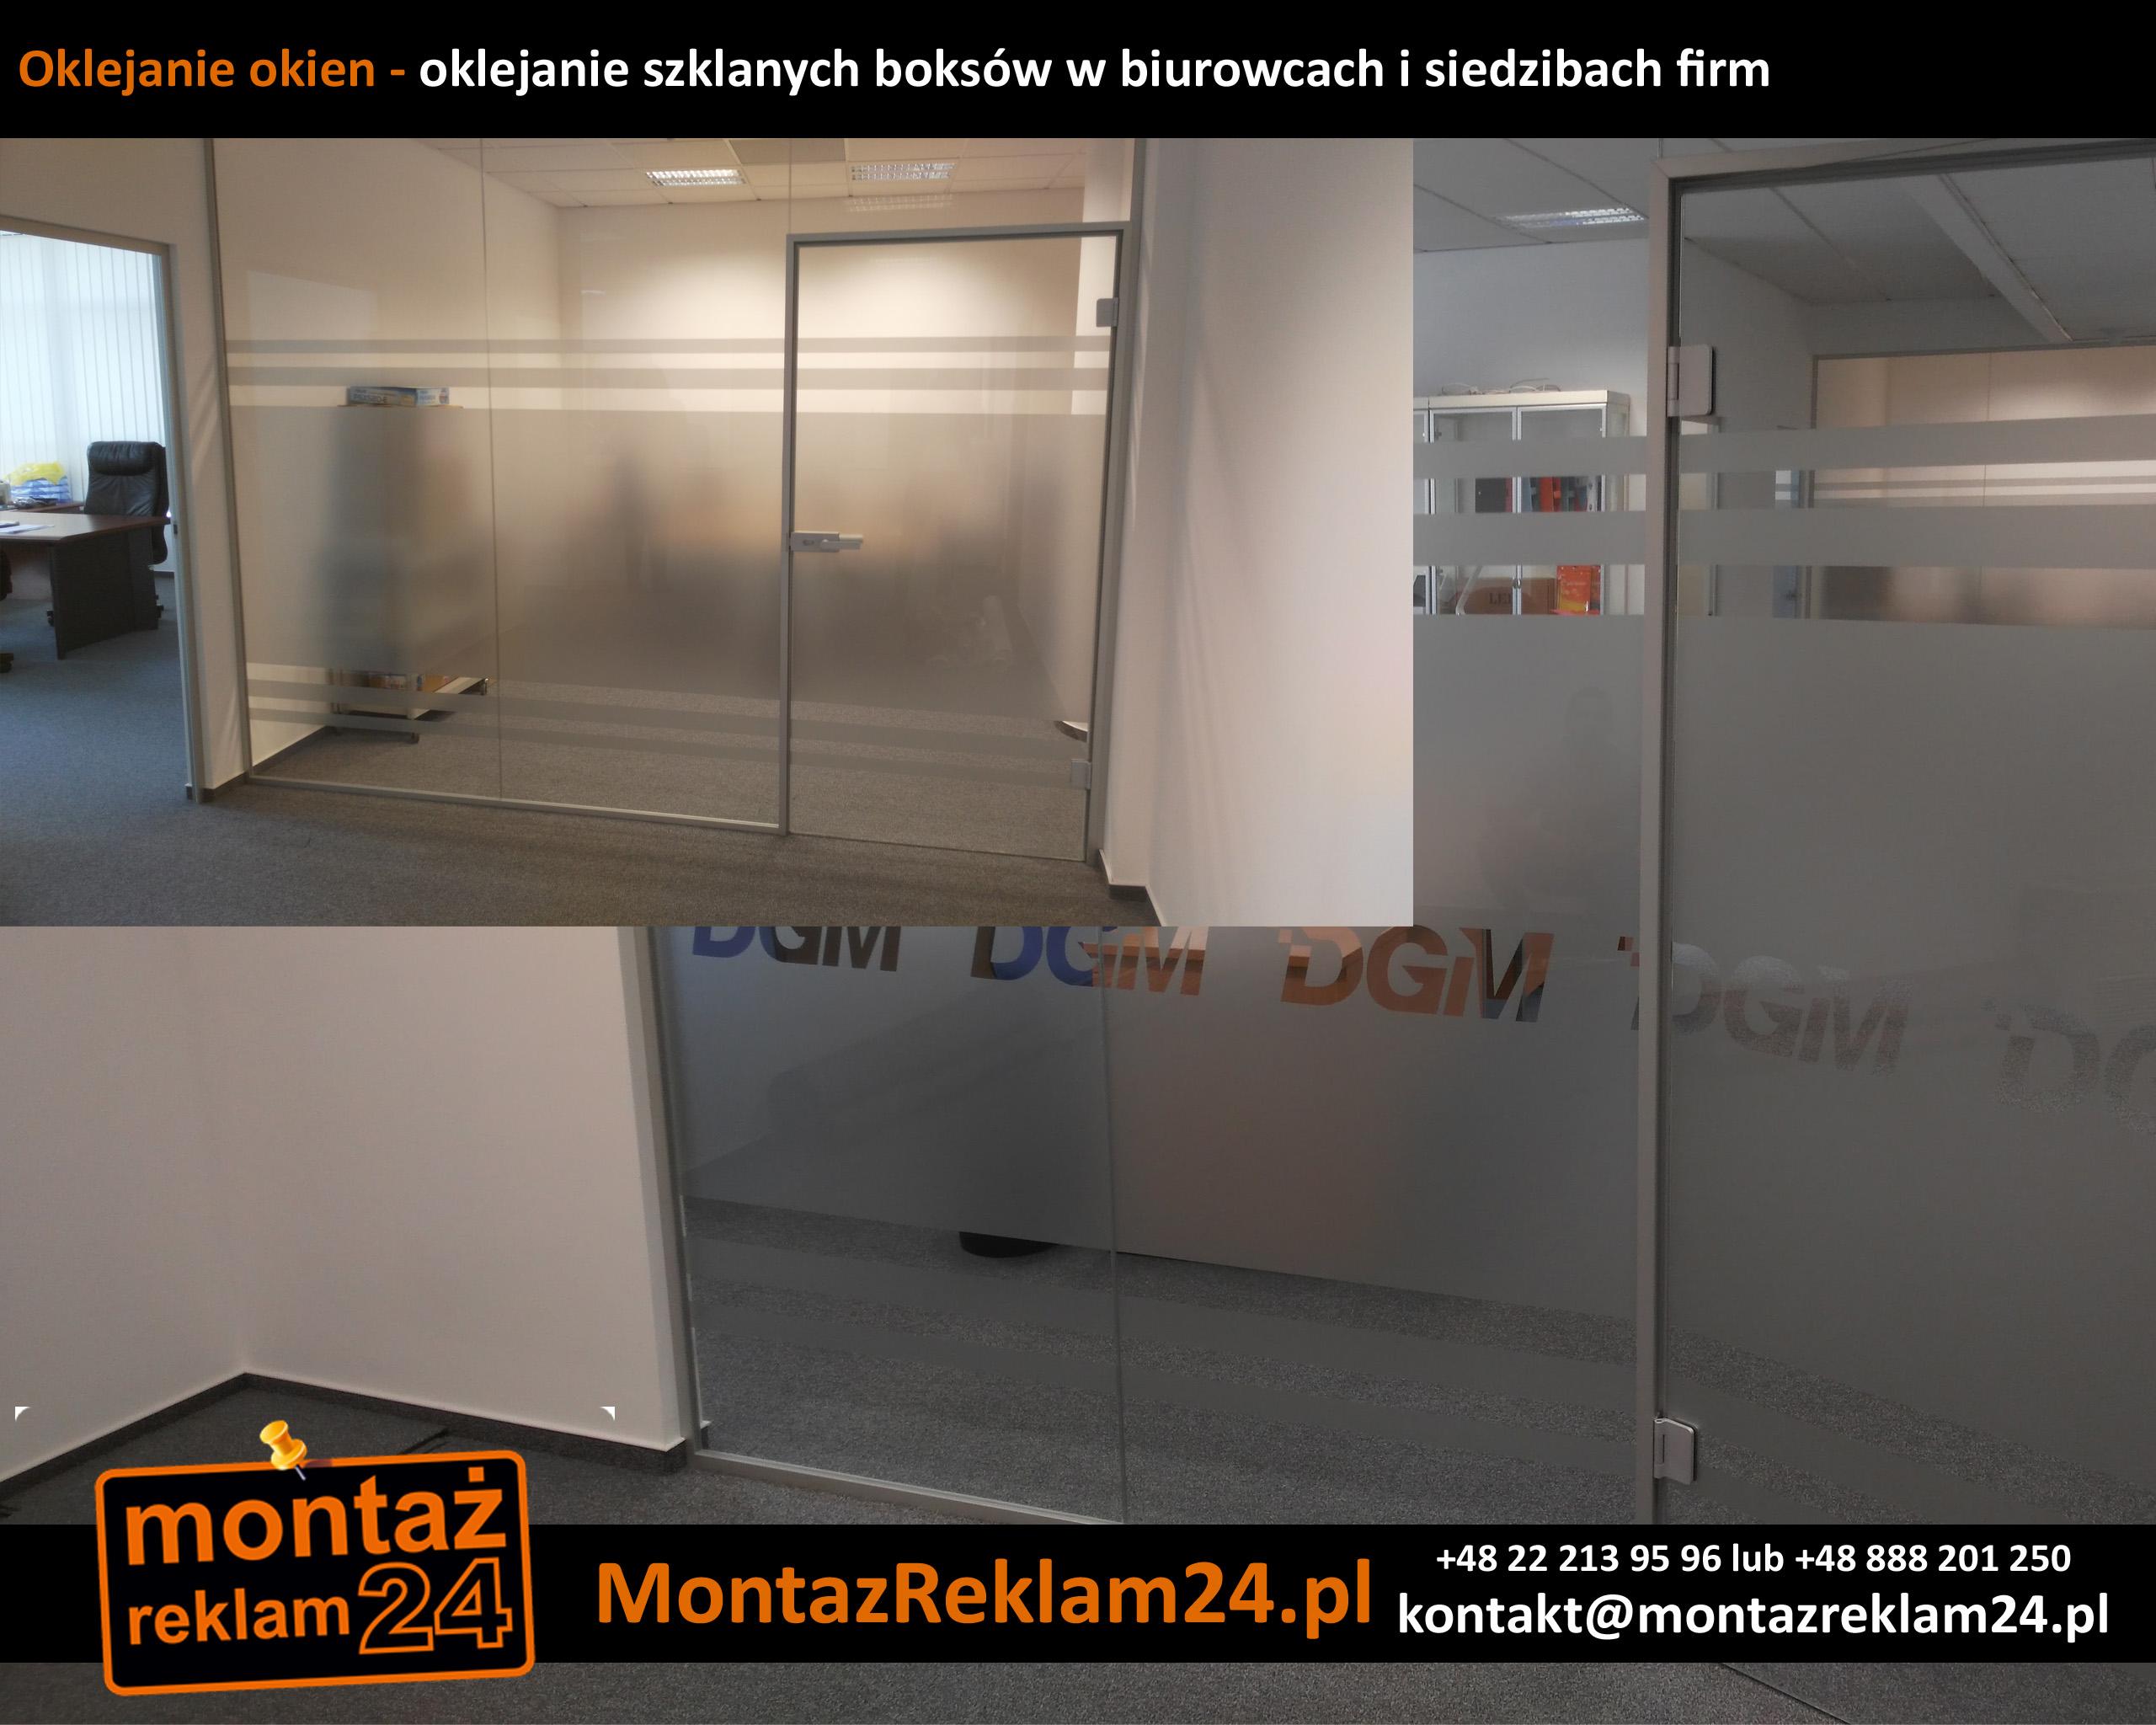 Oklejanie okien - oklejanie szklanych boksów w biurowcach i siedzibach firm.jpg